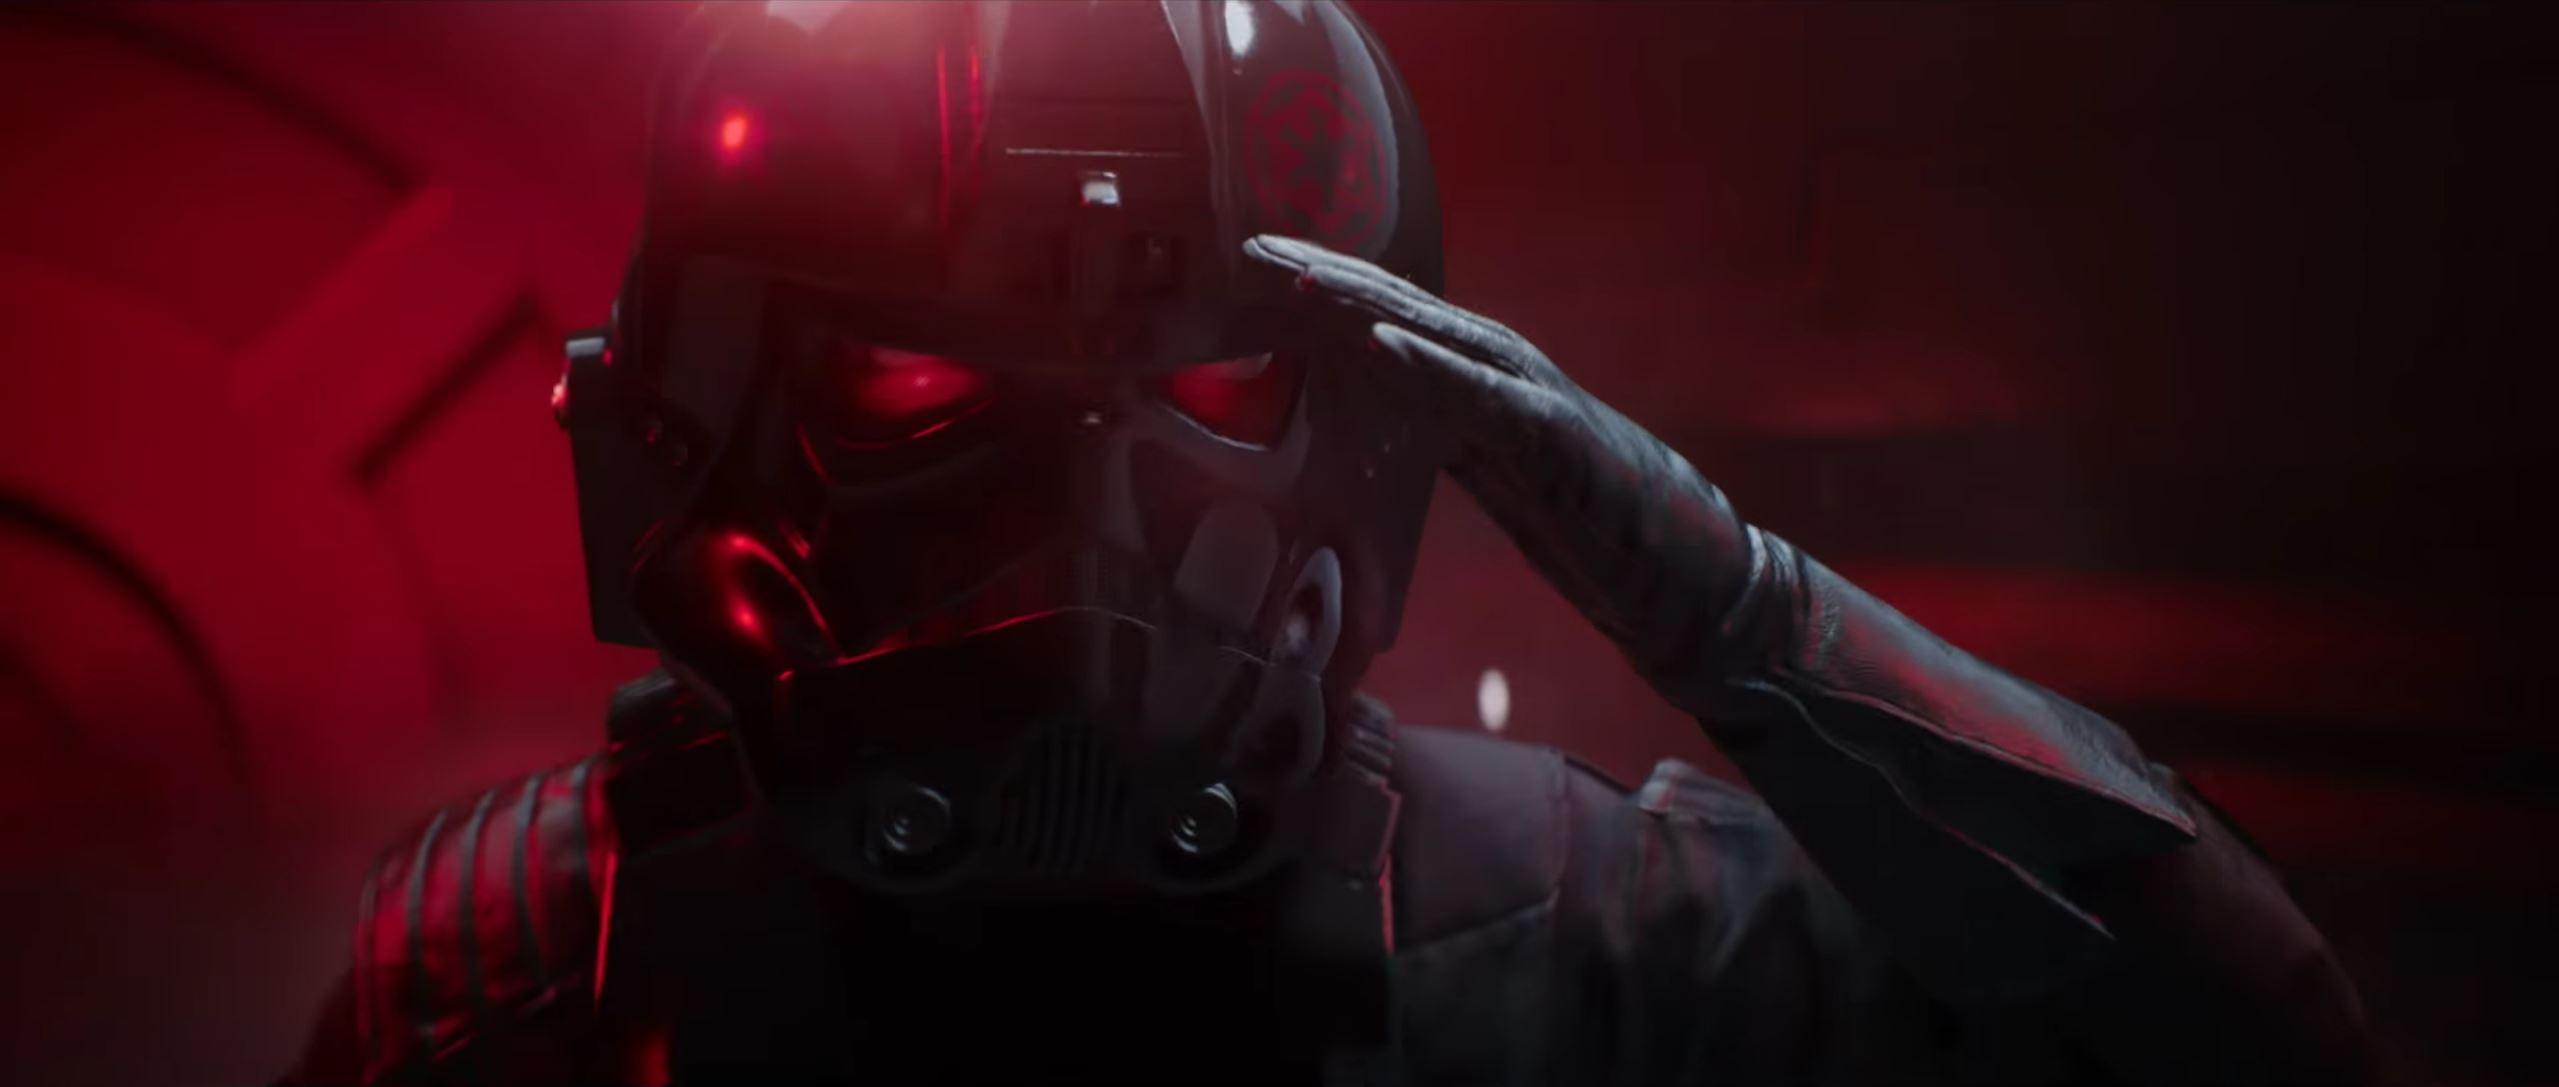 Battlefront 2 trailer 02